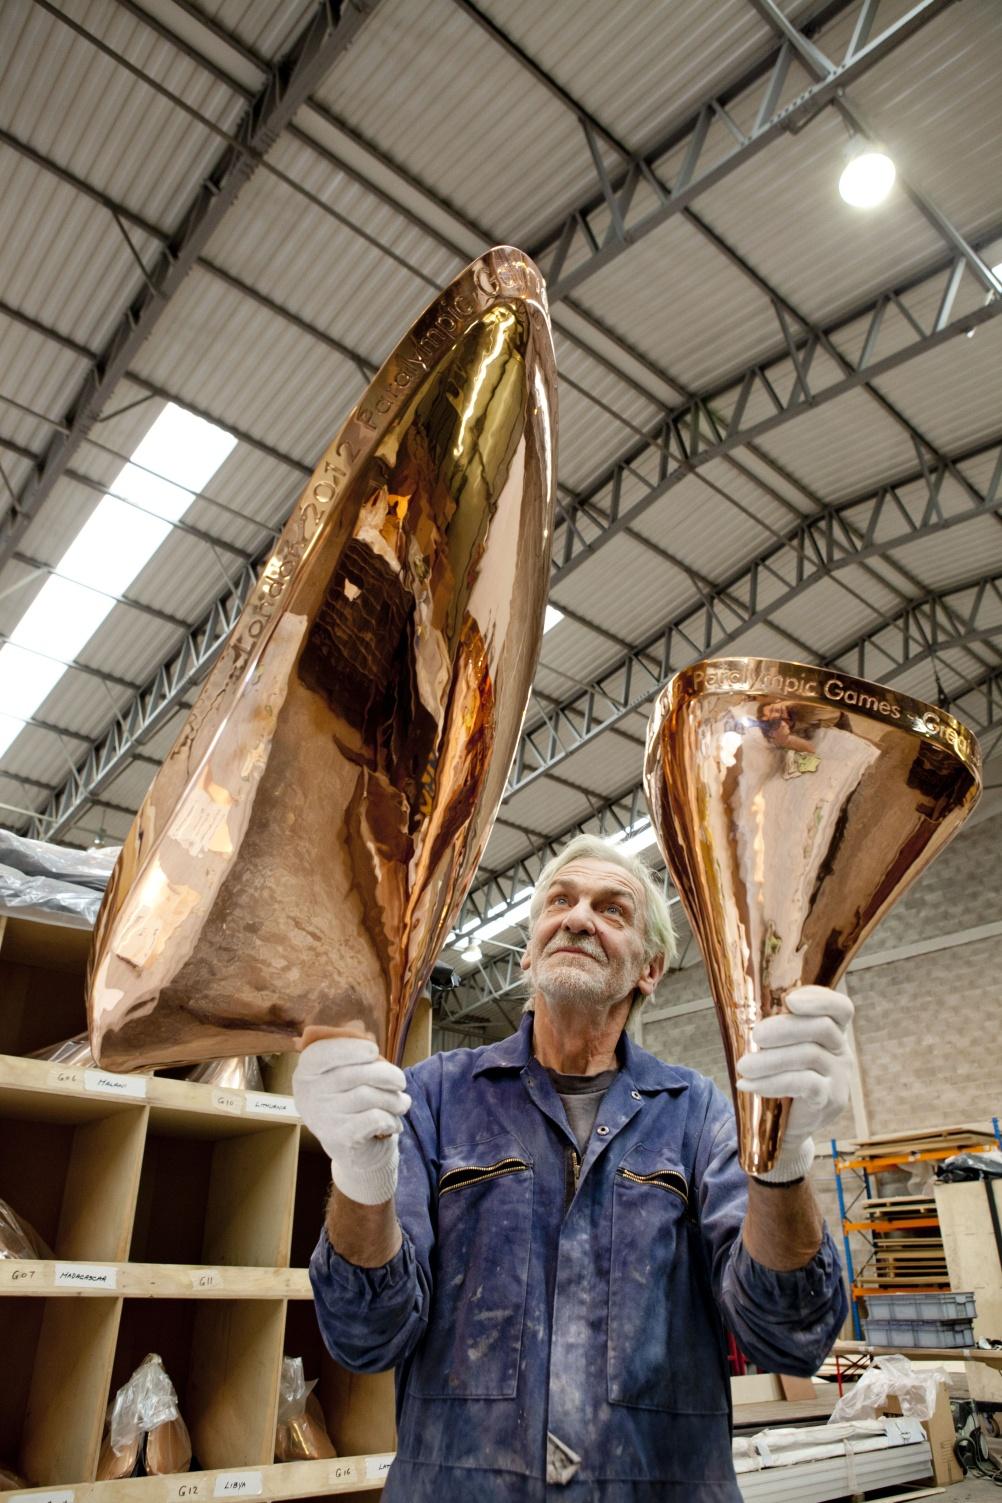 London 2012 Olympic Cauldron designed by Thomas Heatherwick